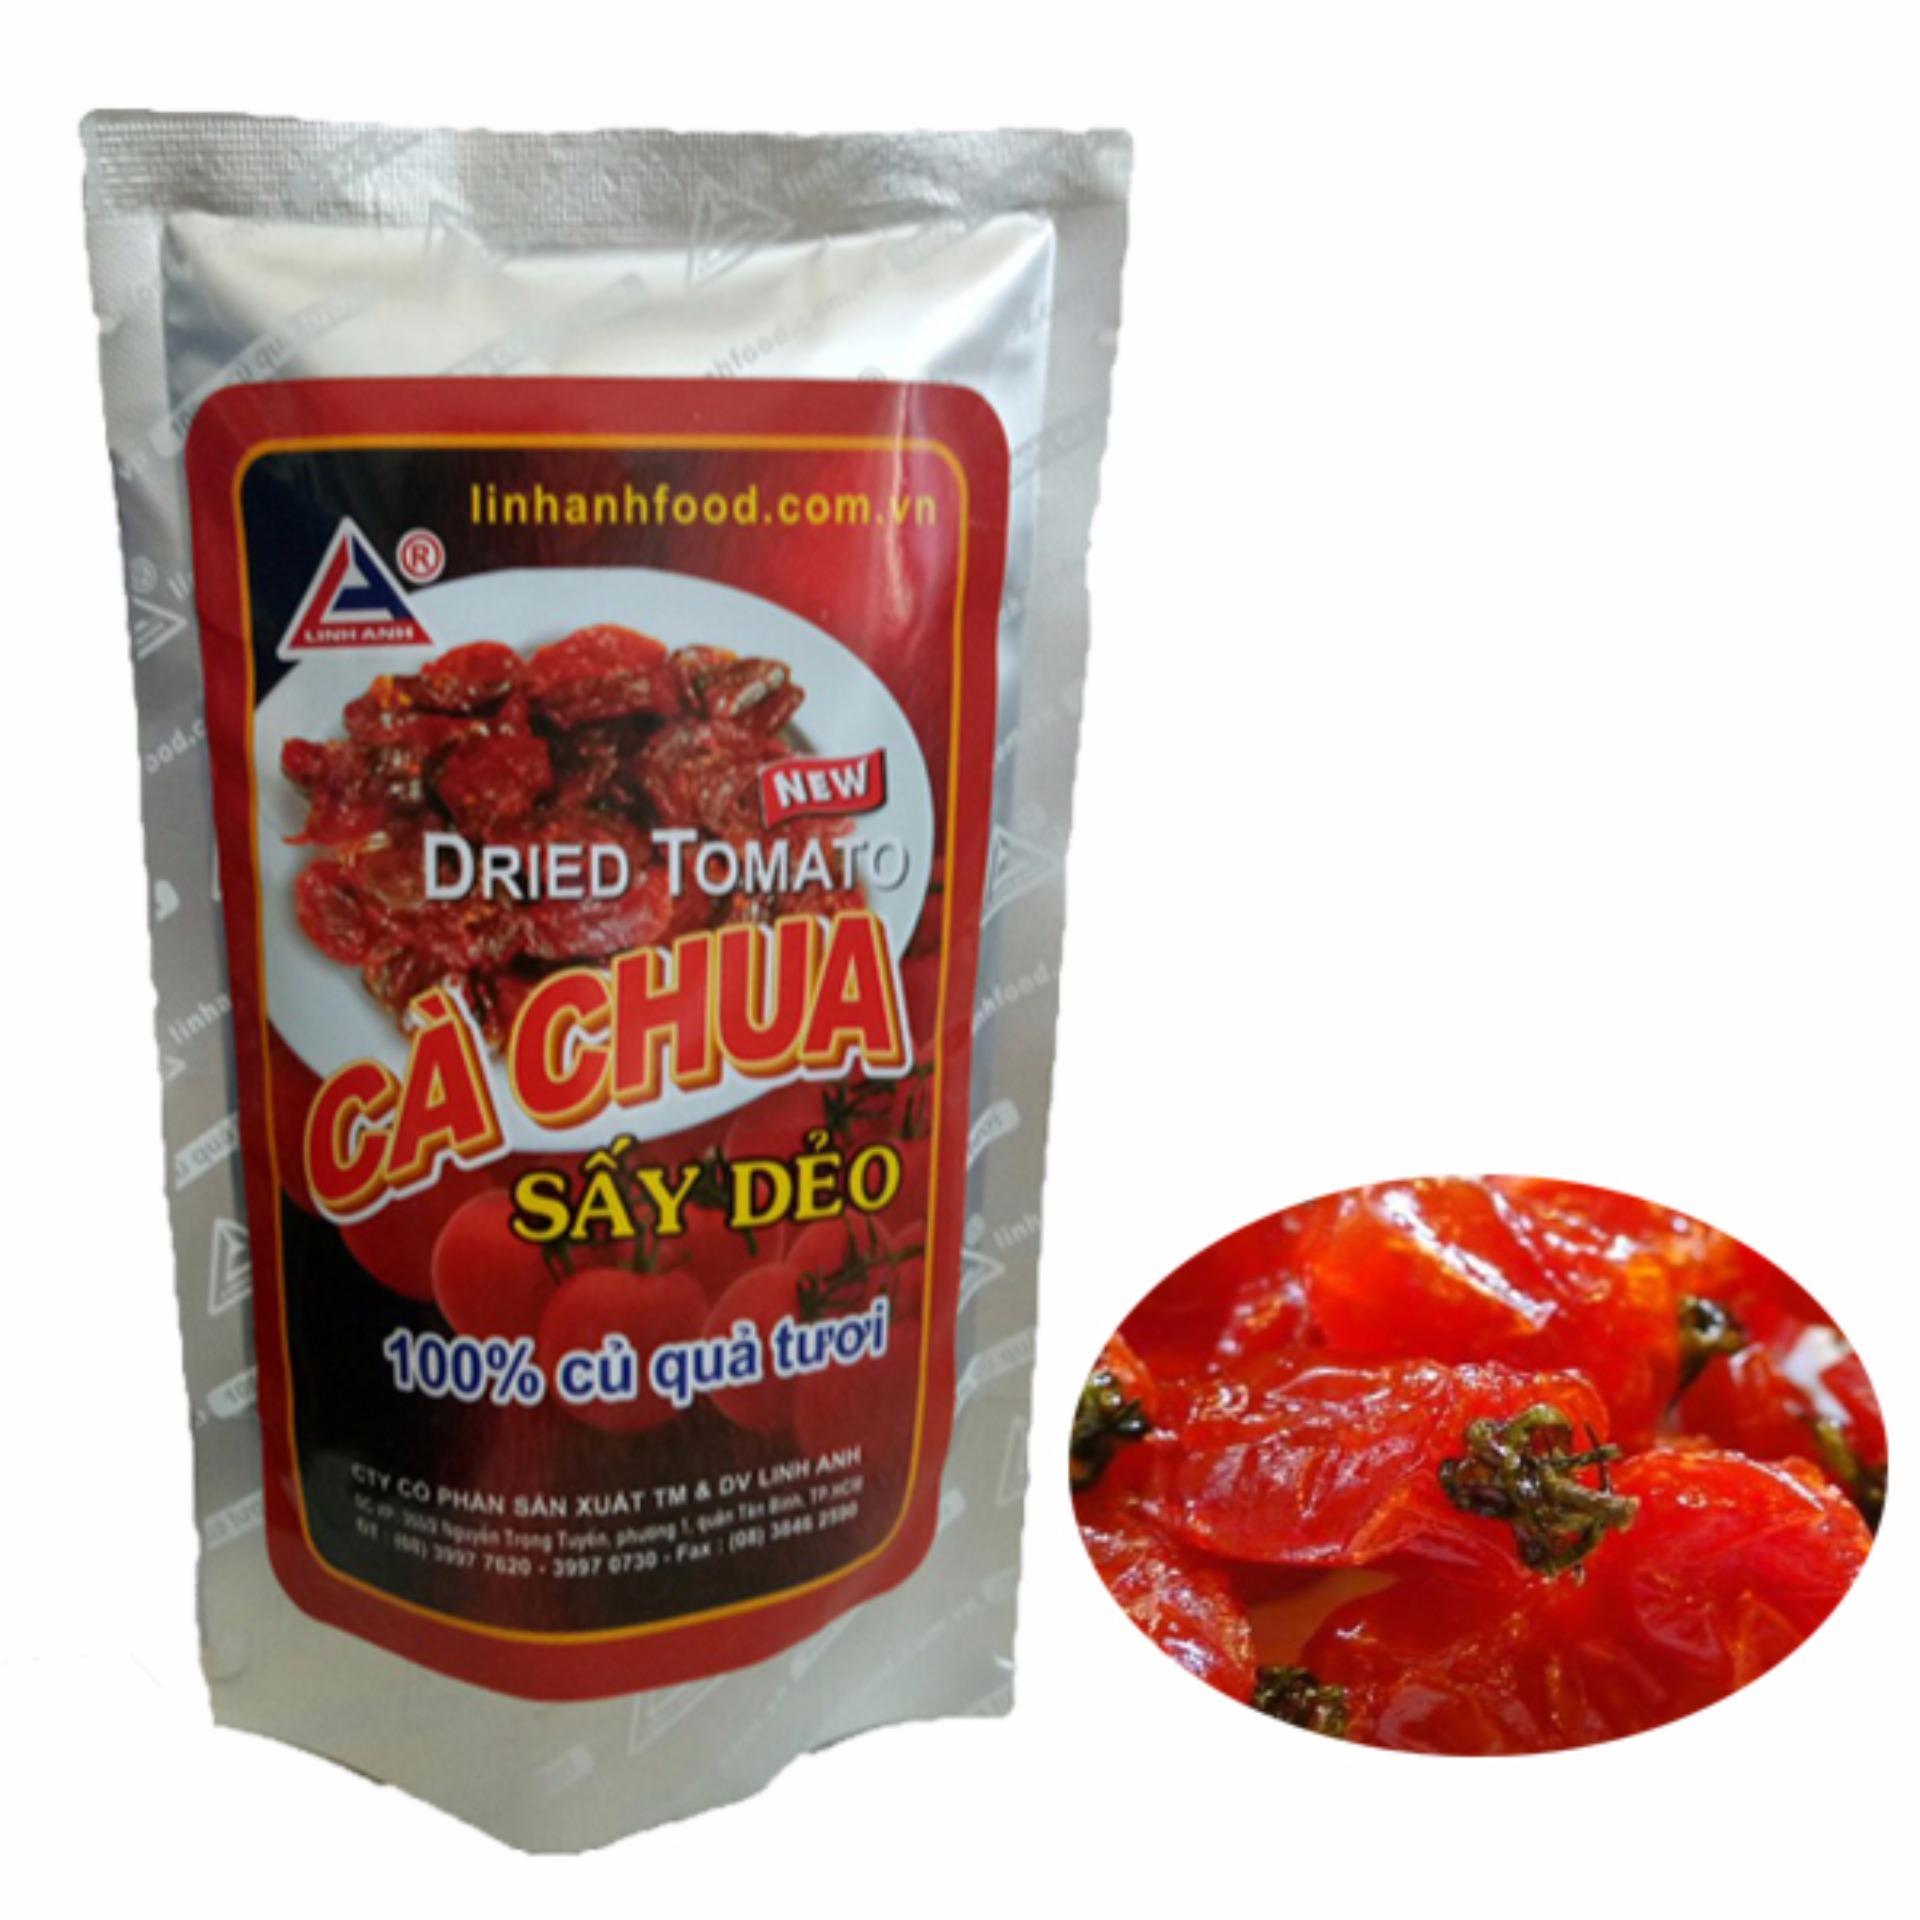 Giá Khuyến Mại Cà chua sấy dẻo 150g